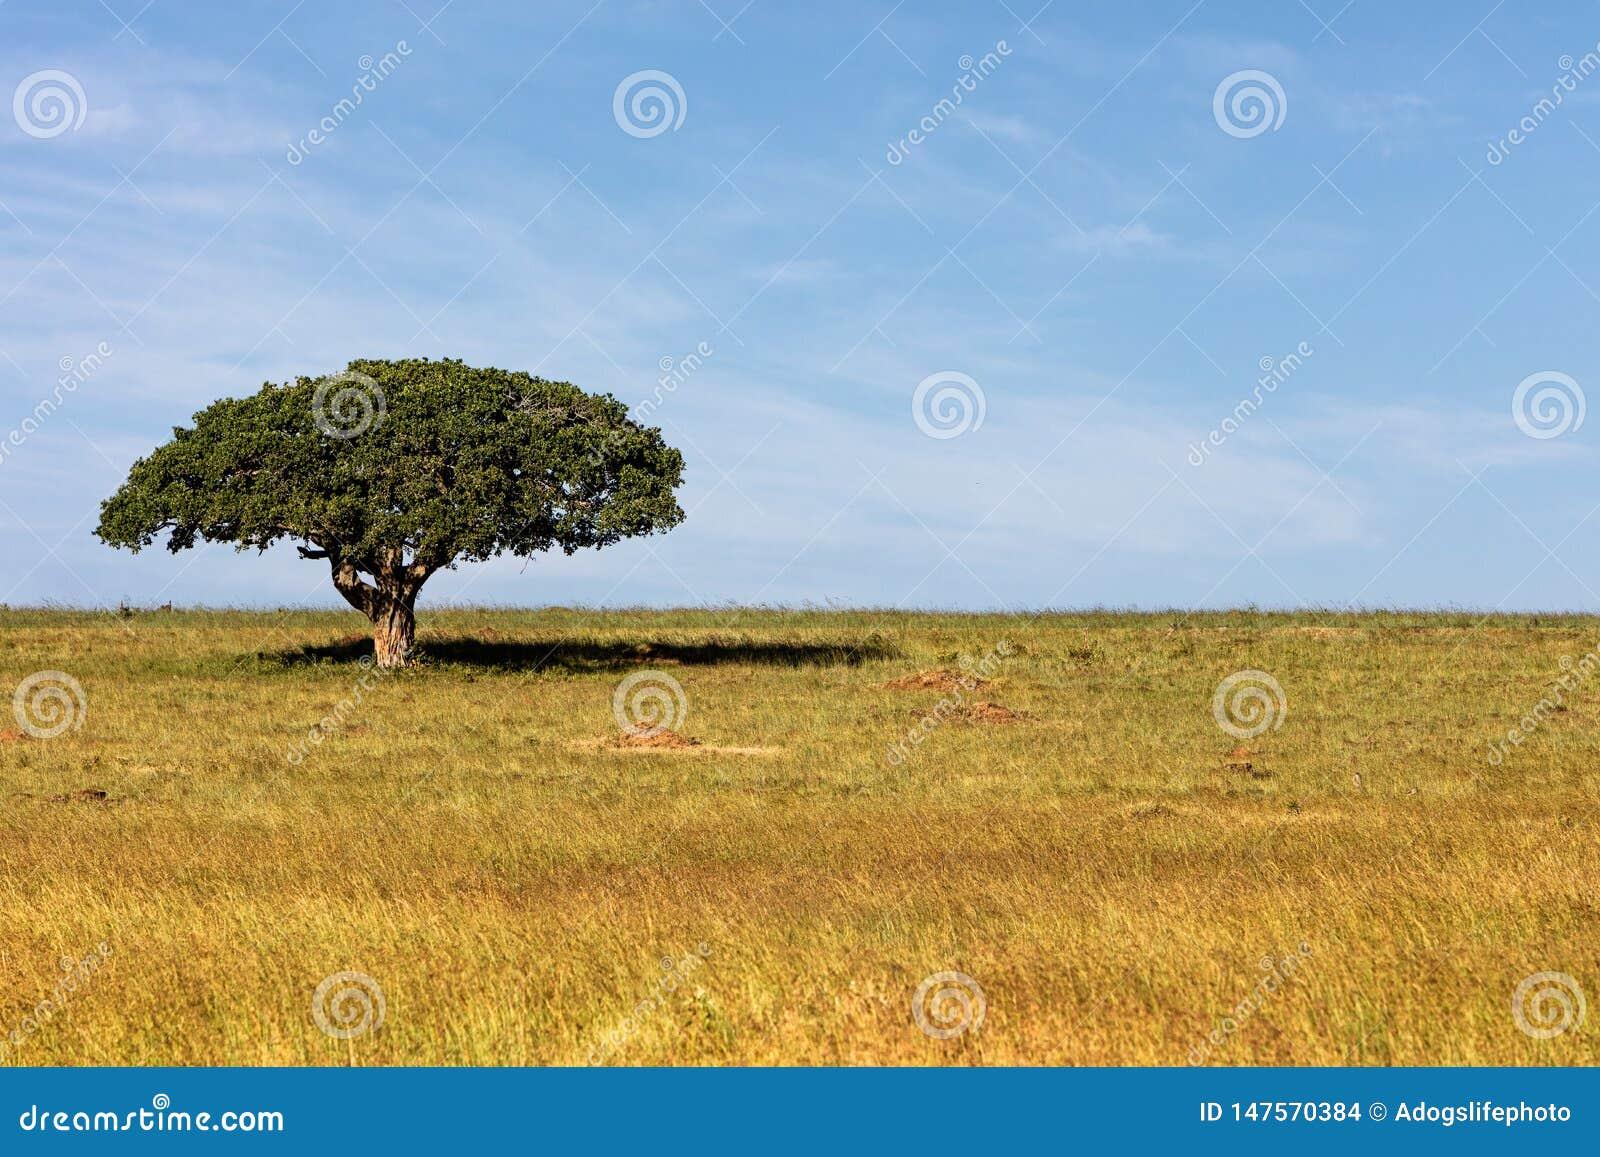 Singolo albero ombreggiato nel campo africano aperto